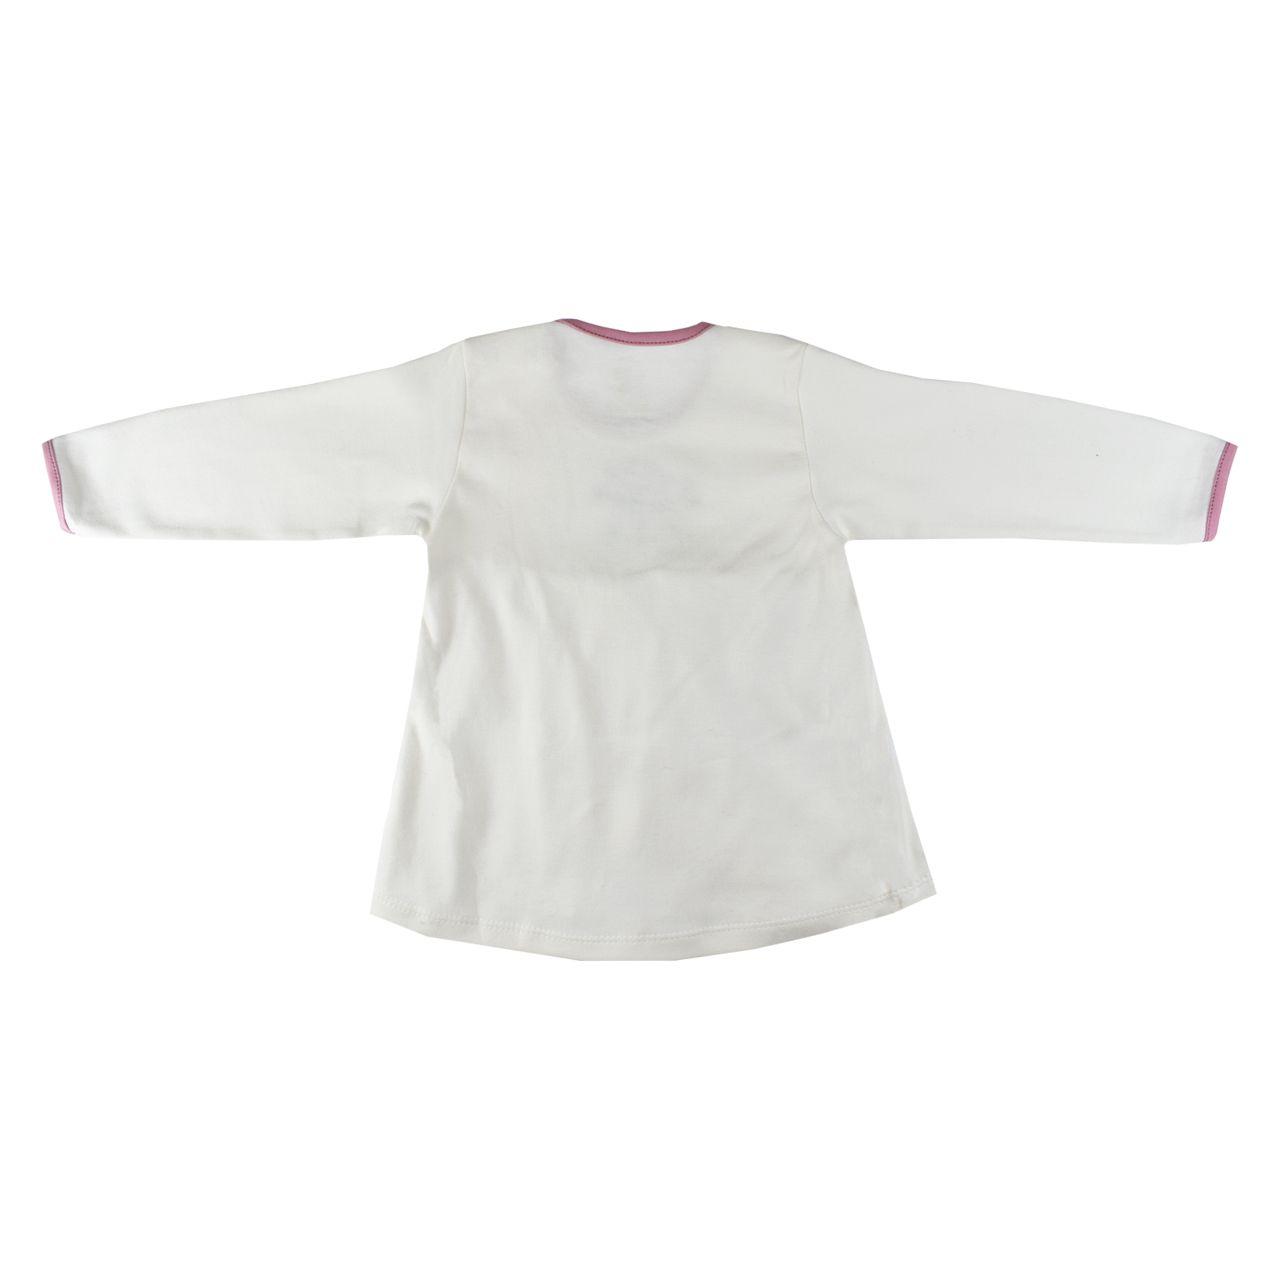 ست 5 تکه لباس نوزادی نیروان طرح گل کد 4 -  - 8